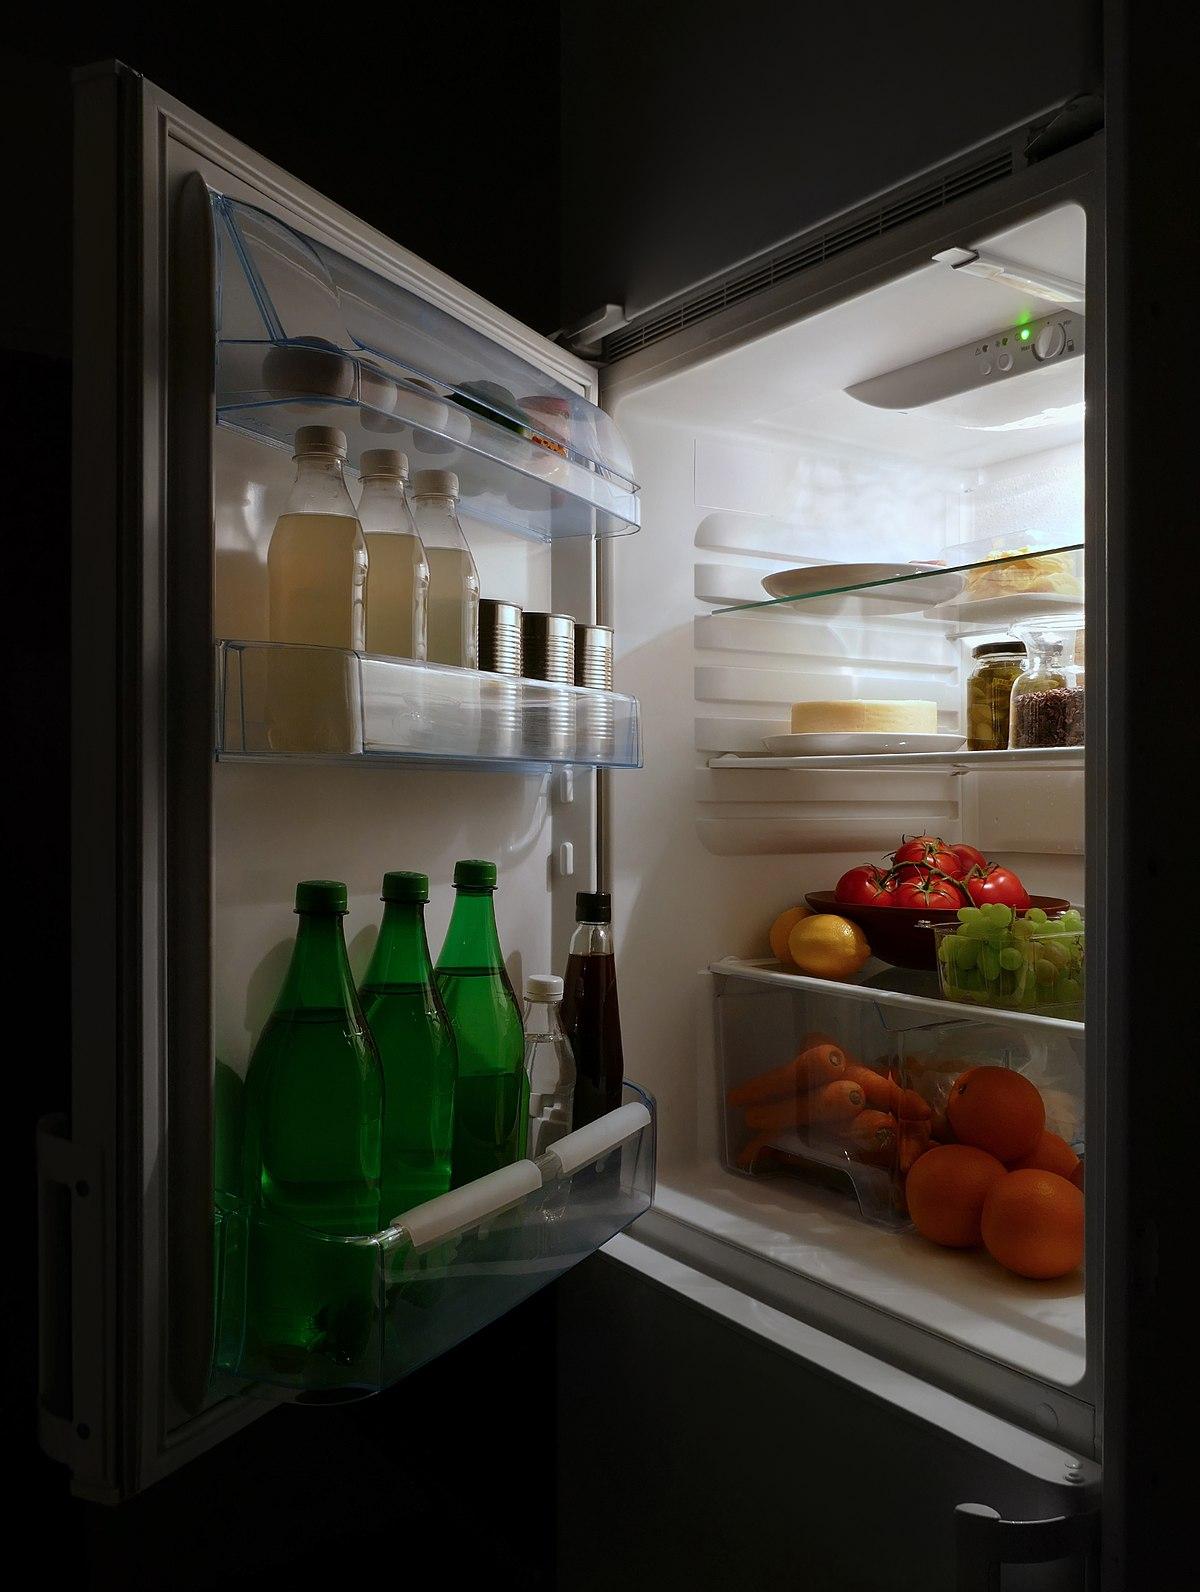 Kühlschrank – Wikipedia